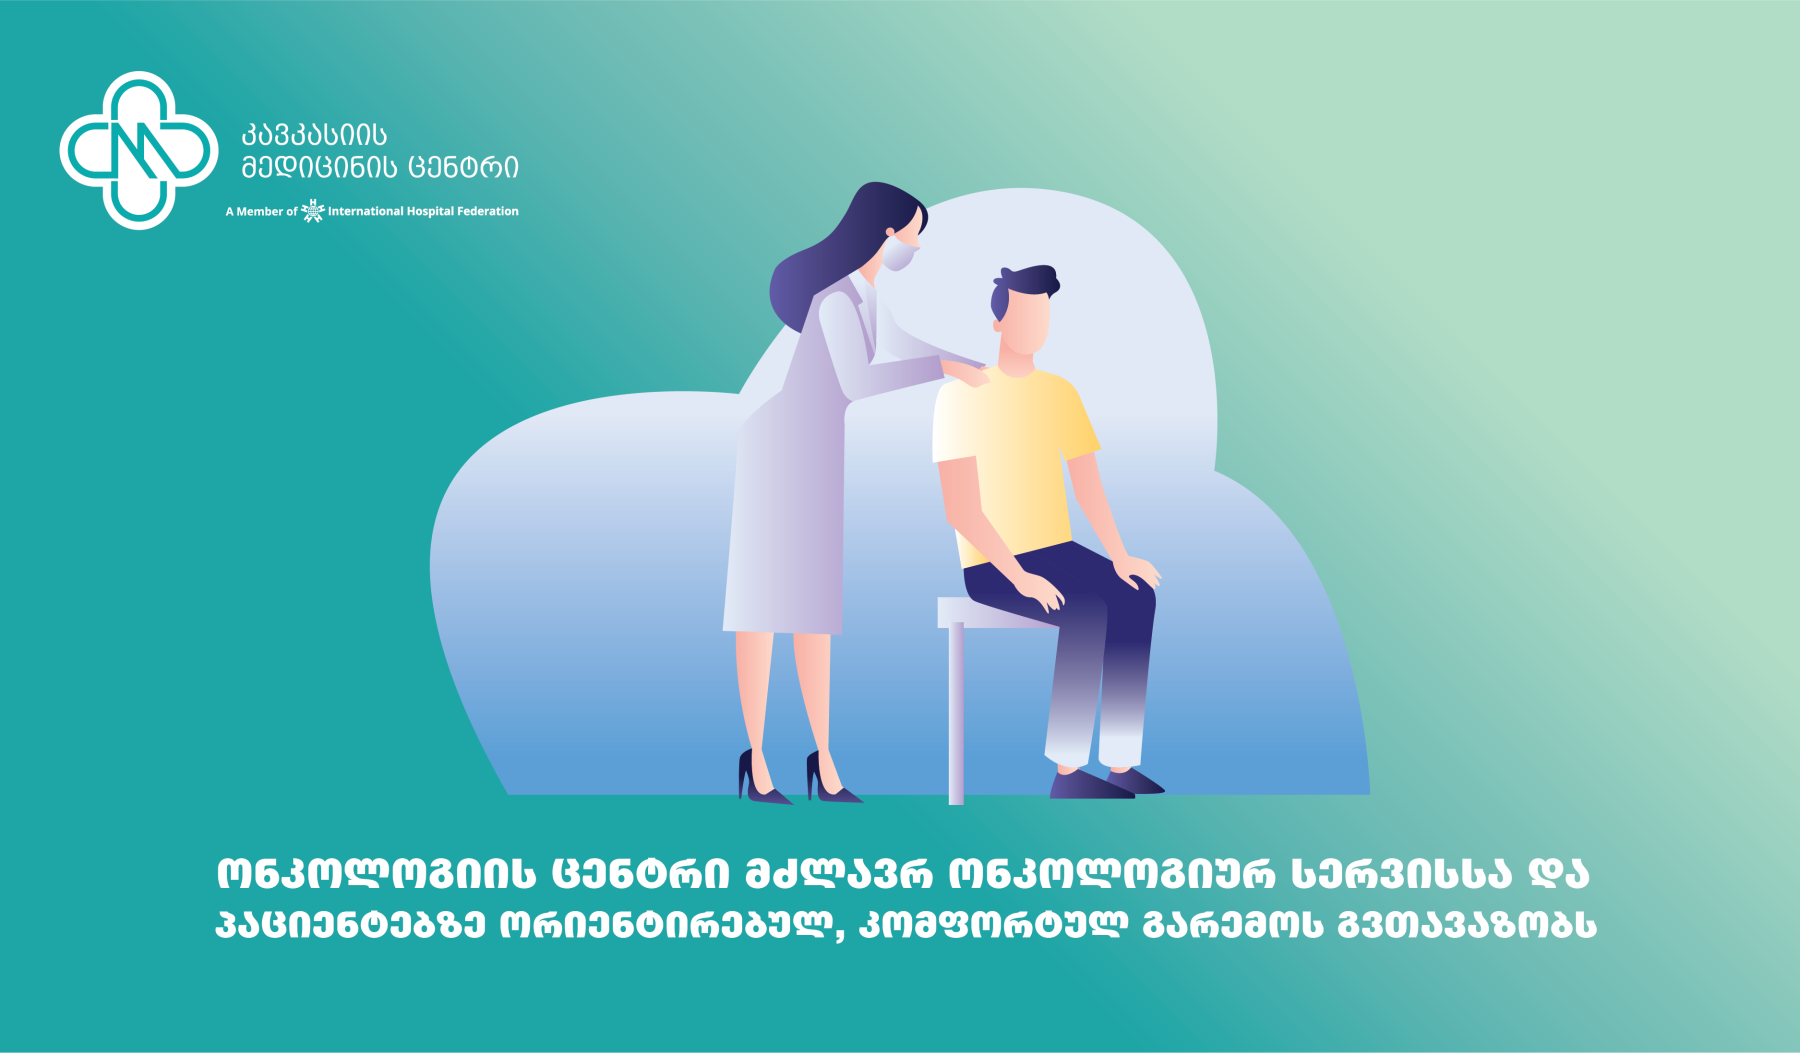 ონკოლოგიის ცენტრი მძლავრ ონკოლოგიურ სერვისსა და პაციენტებზე ორიენტირებულ, კომფორტულ გარემოს გვთავაზობს